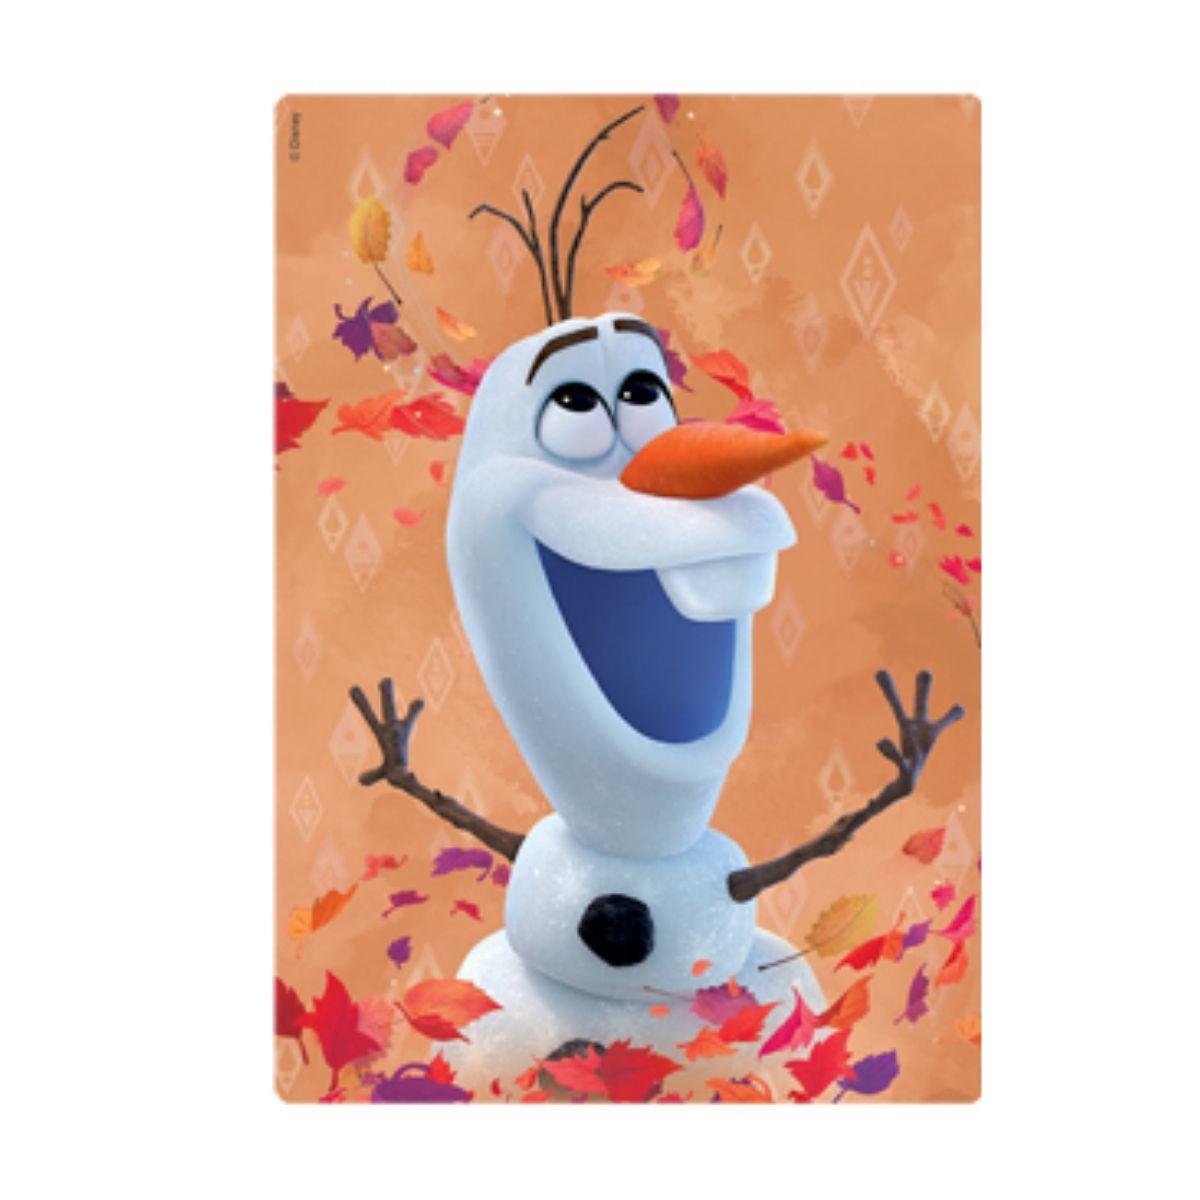 Kit com 2 Quebra cabeças Frozen 2 Anna e Olaf  - Game Land Brinquedos